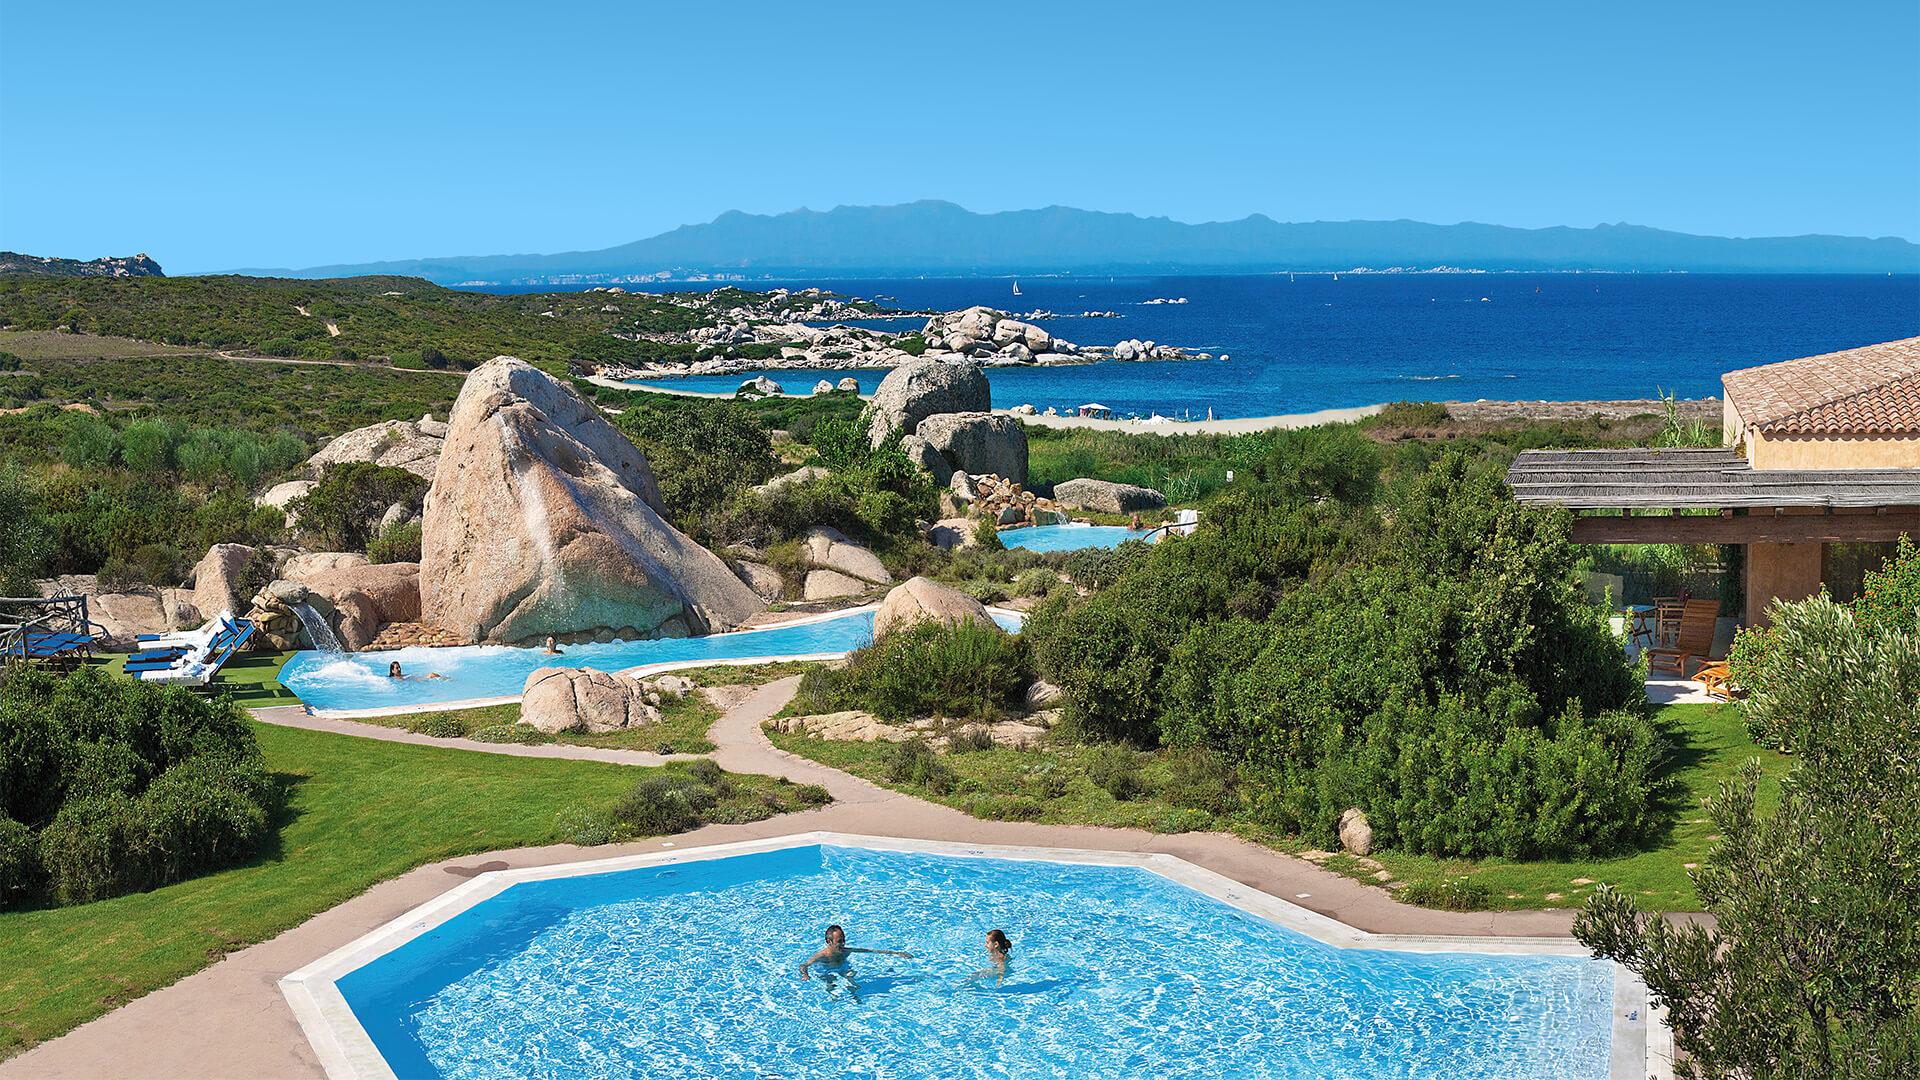 resort-valle-erica-thalasso-piscina-sardegna-mare